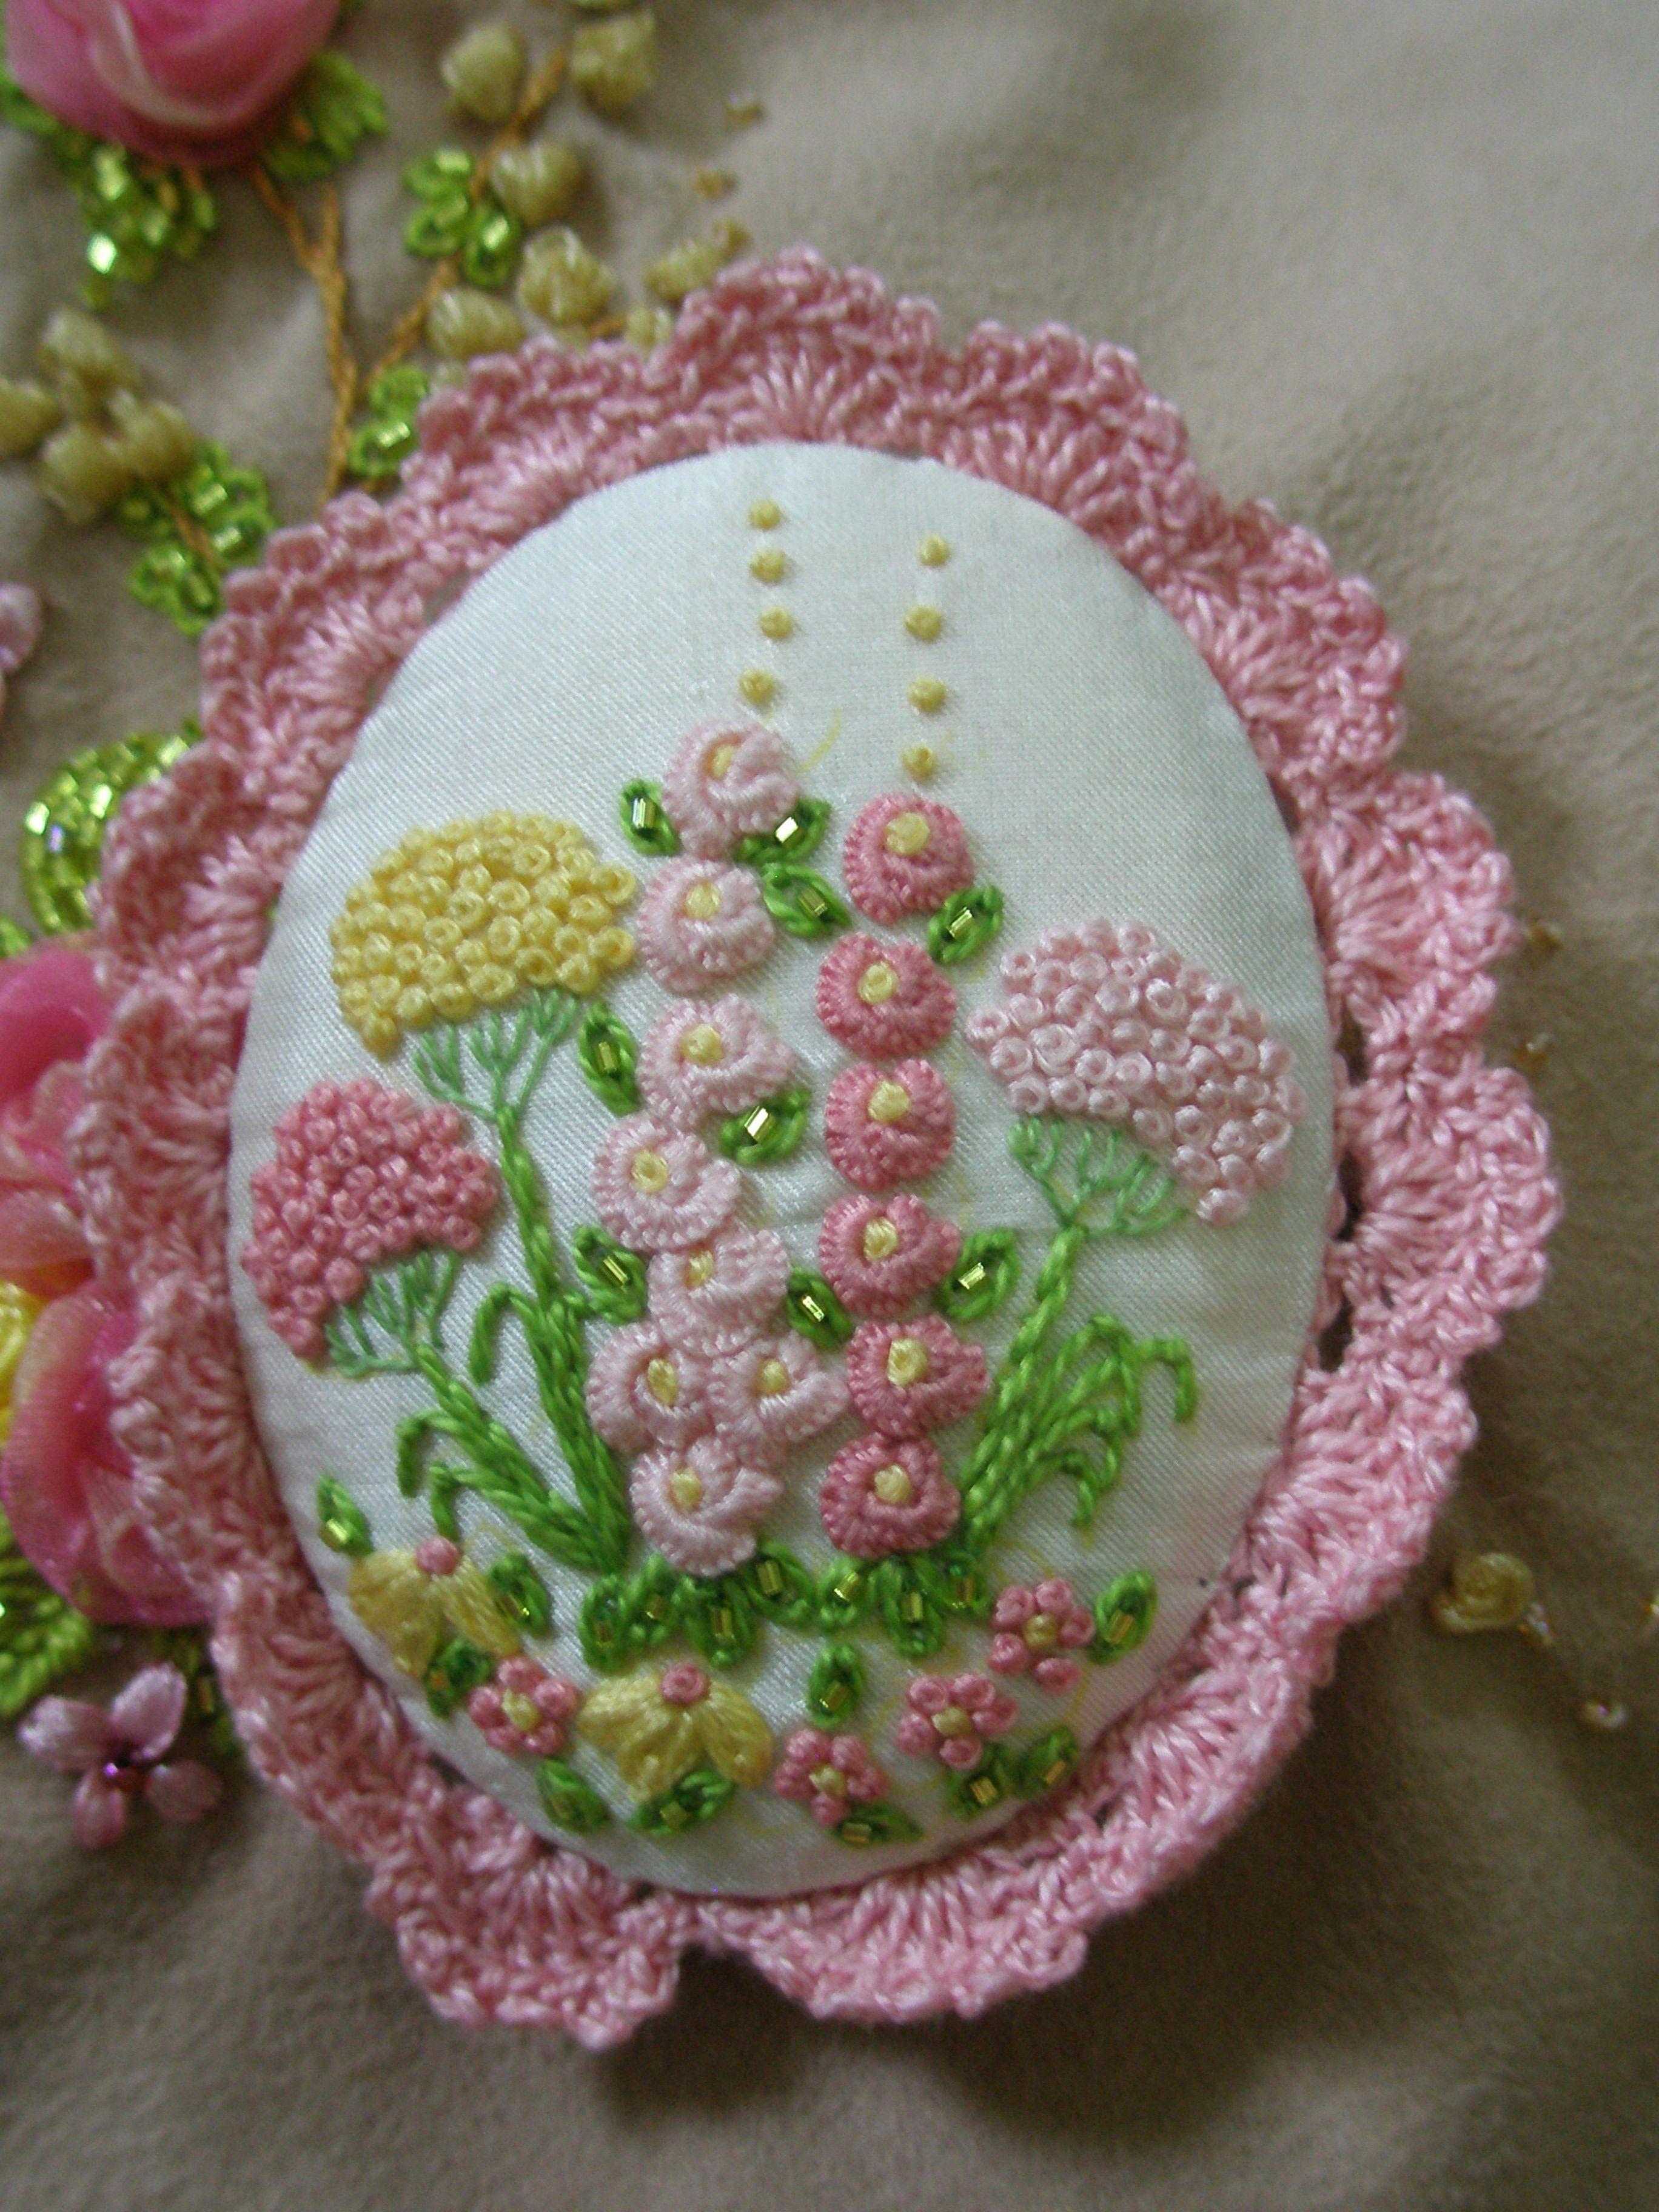 Hollyhock embroidery brooch from di van niekerk book by lia